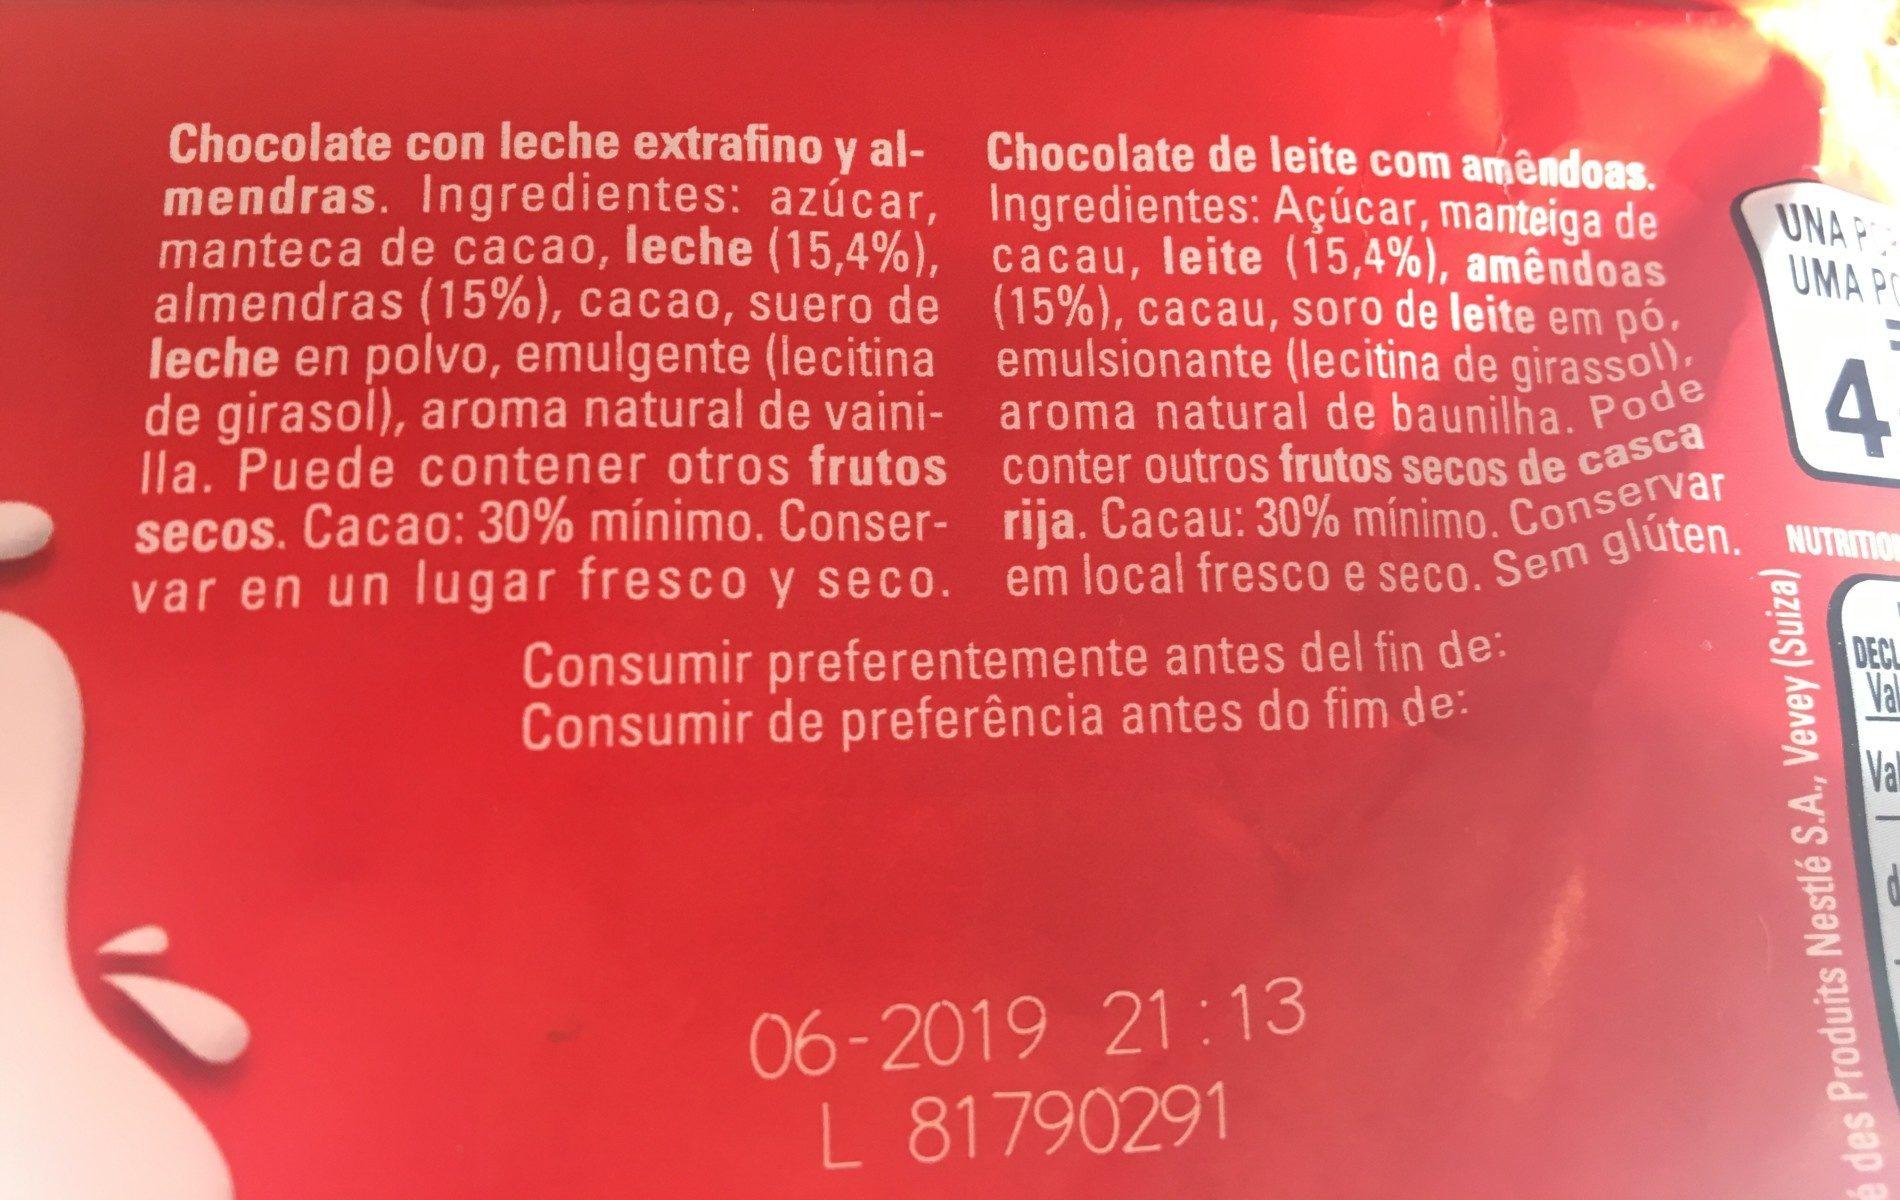 Chocolate con leche extrafino pasión de almendras - Ingredients - es